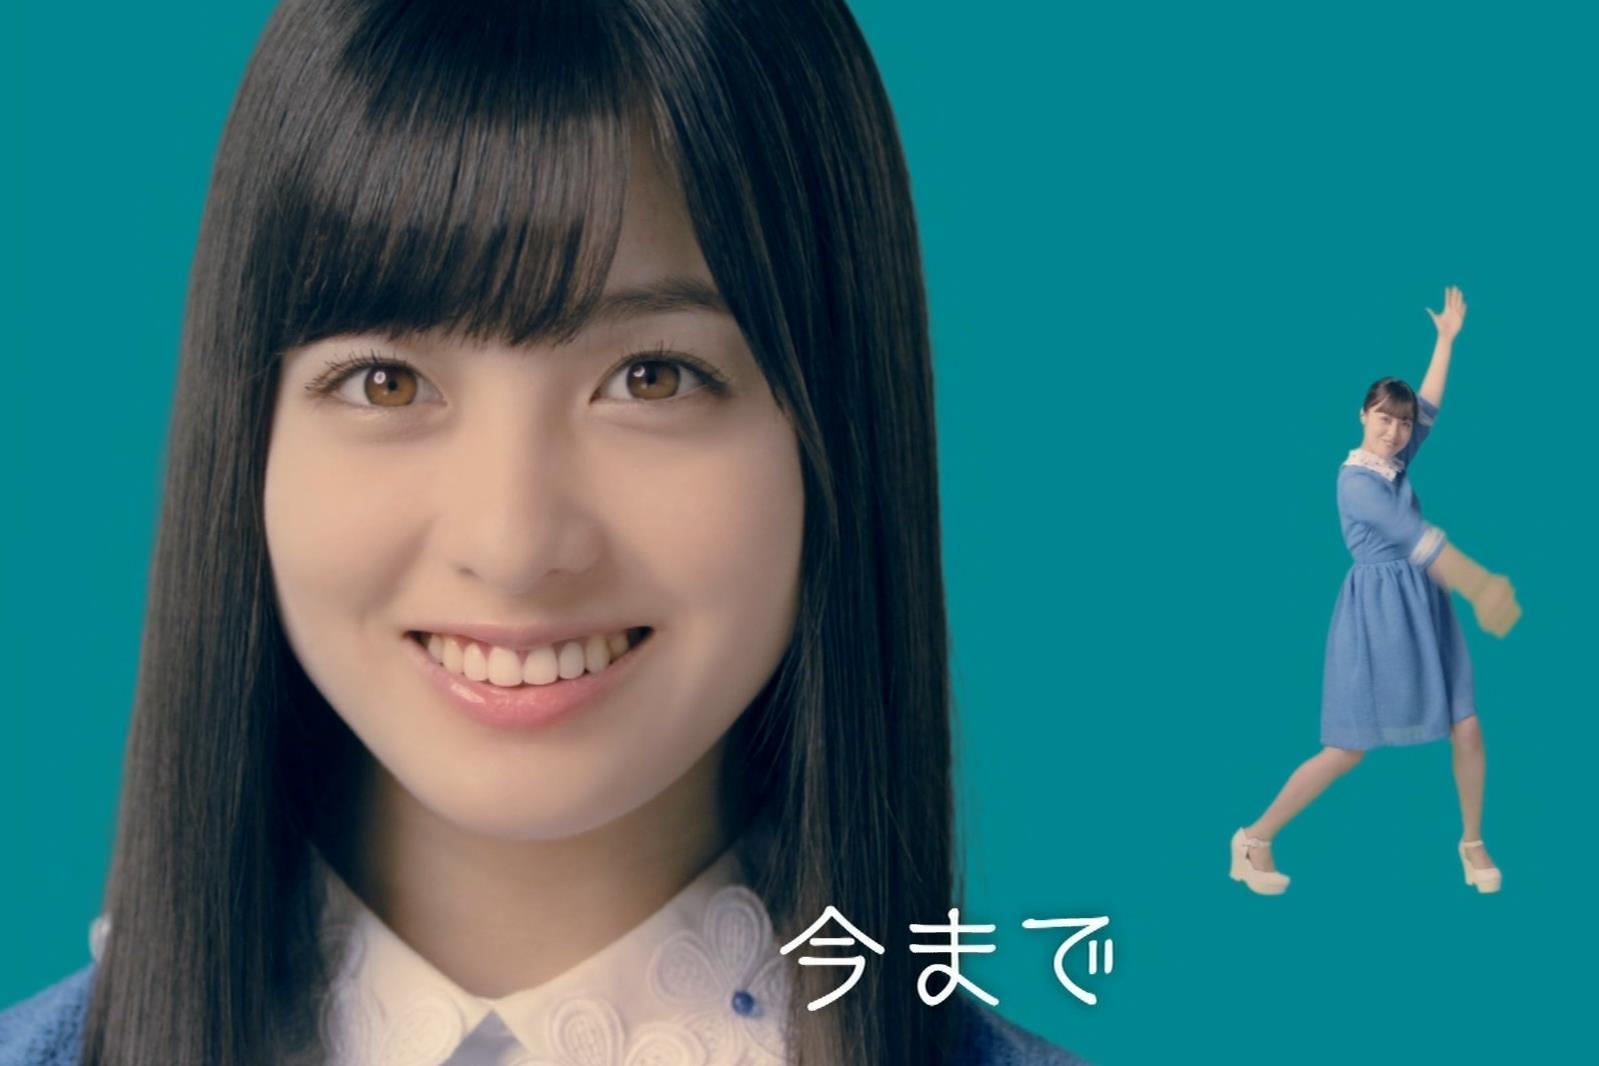 橋本環奈 CMでの乳揺れGIF動画キャプ・エロ画像3